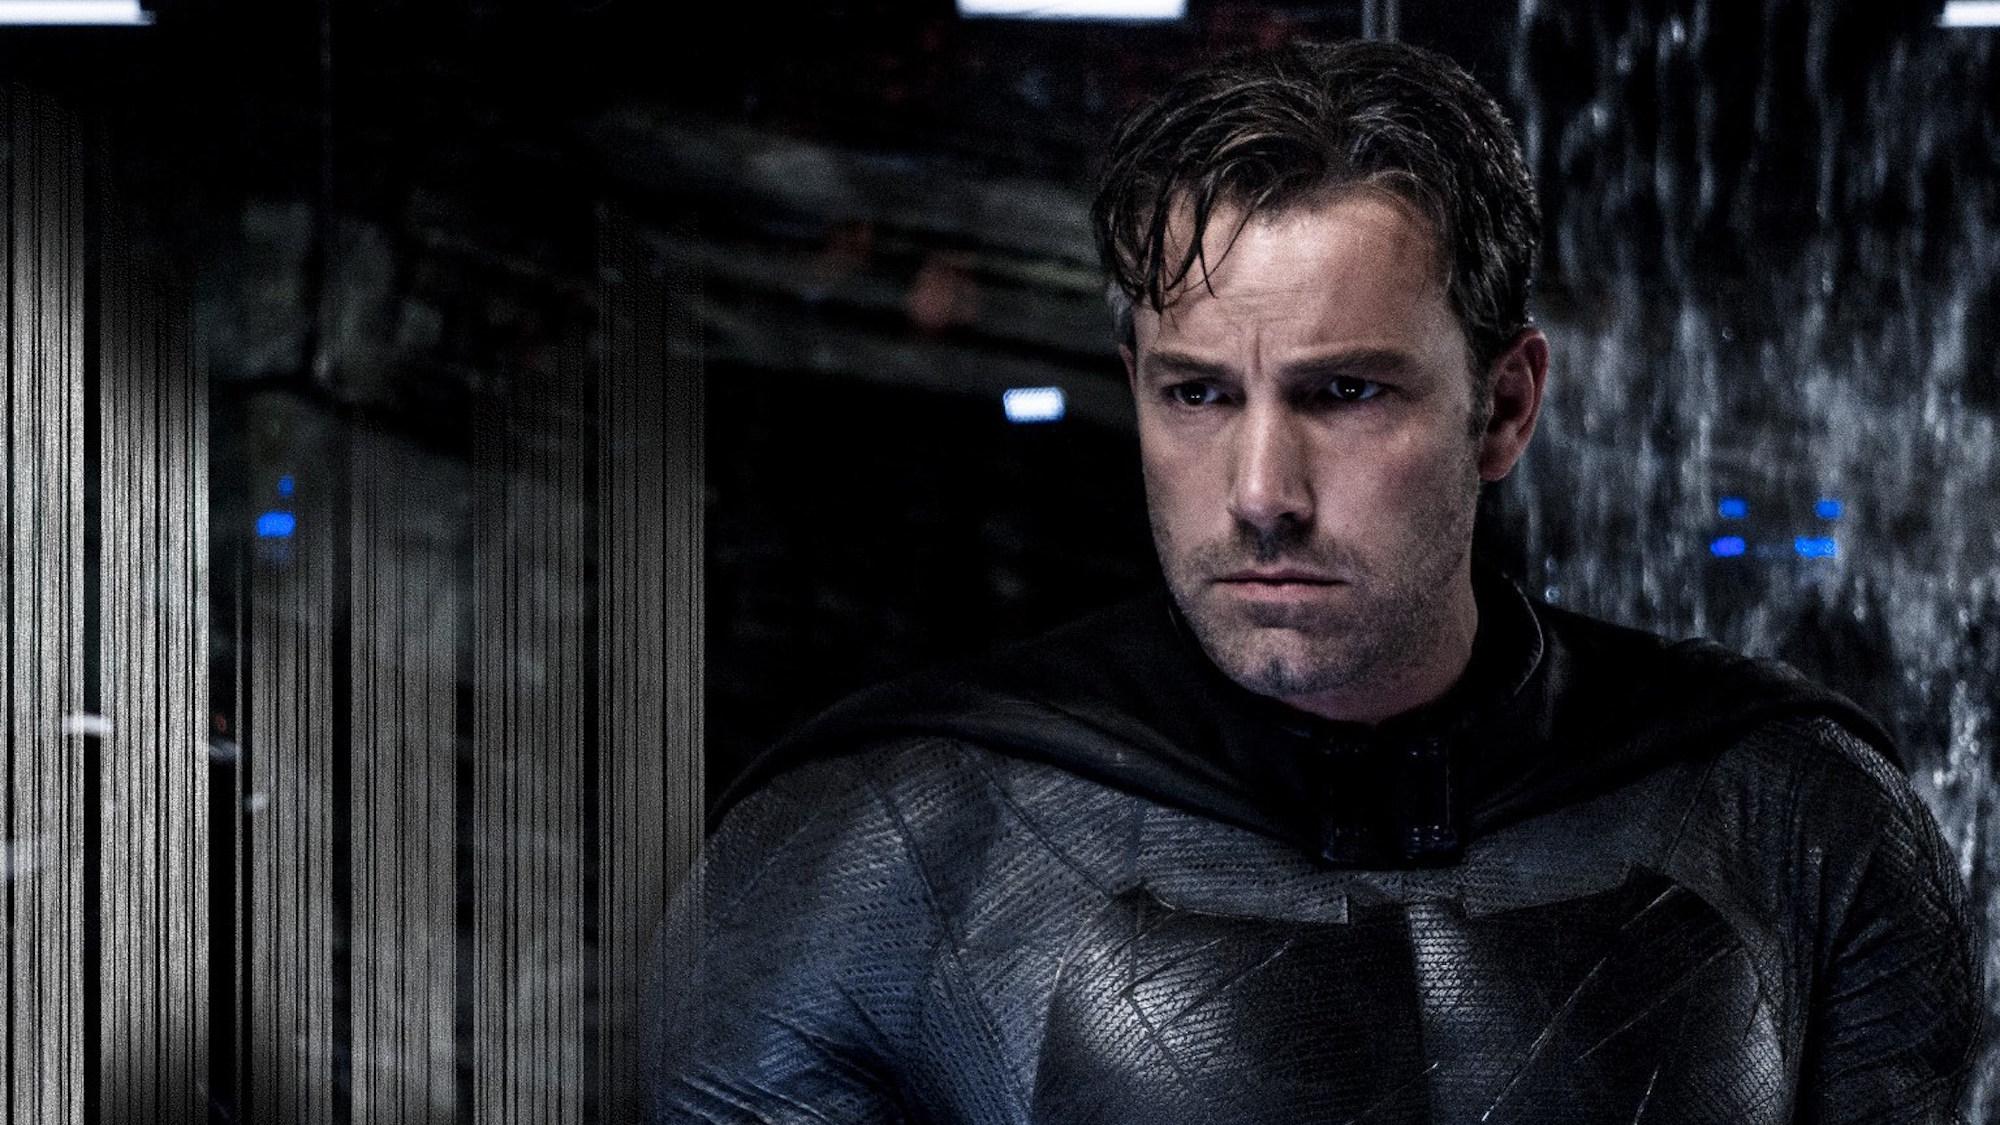 Ben Affleck Drops a Huge Hint about New 'Batman' Baddie ...: www.bbcamerica.com/anglophenia/2016/08/ben-affleck-drops-a-huge...